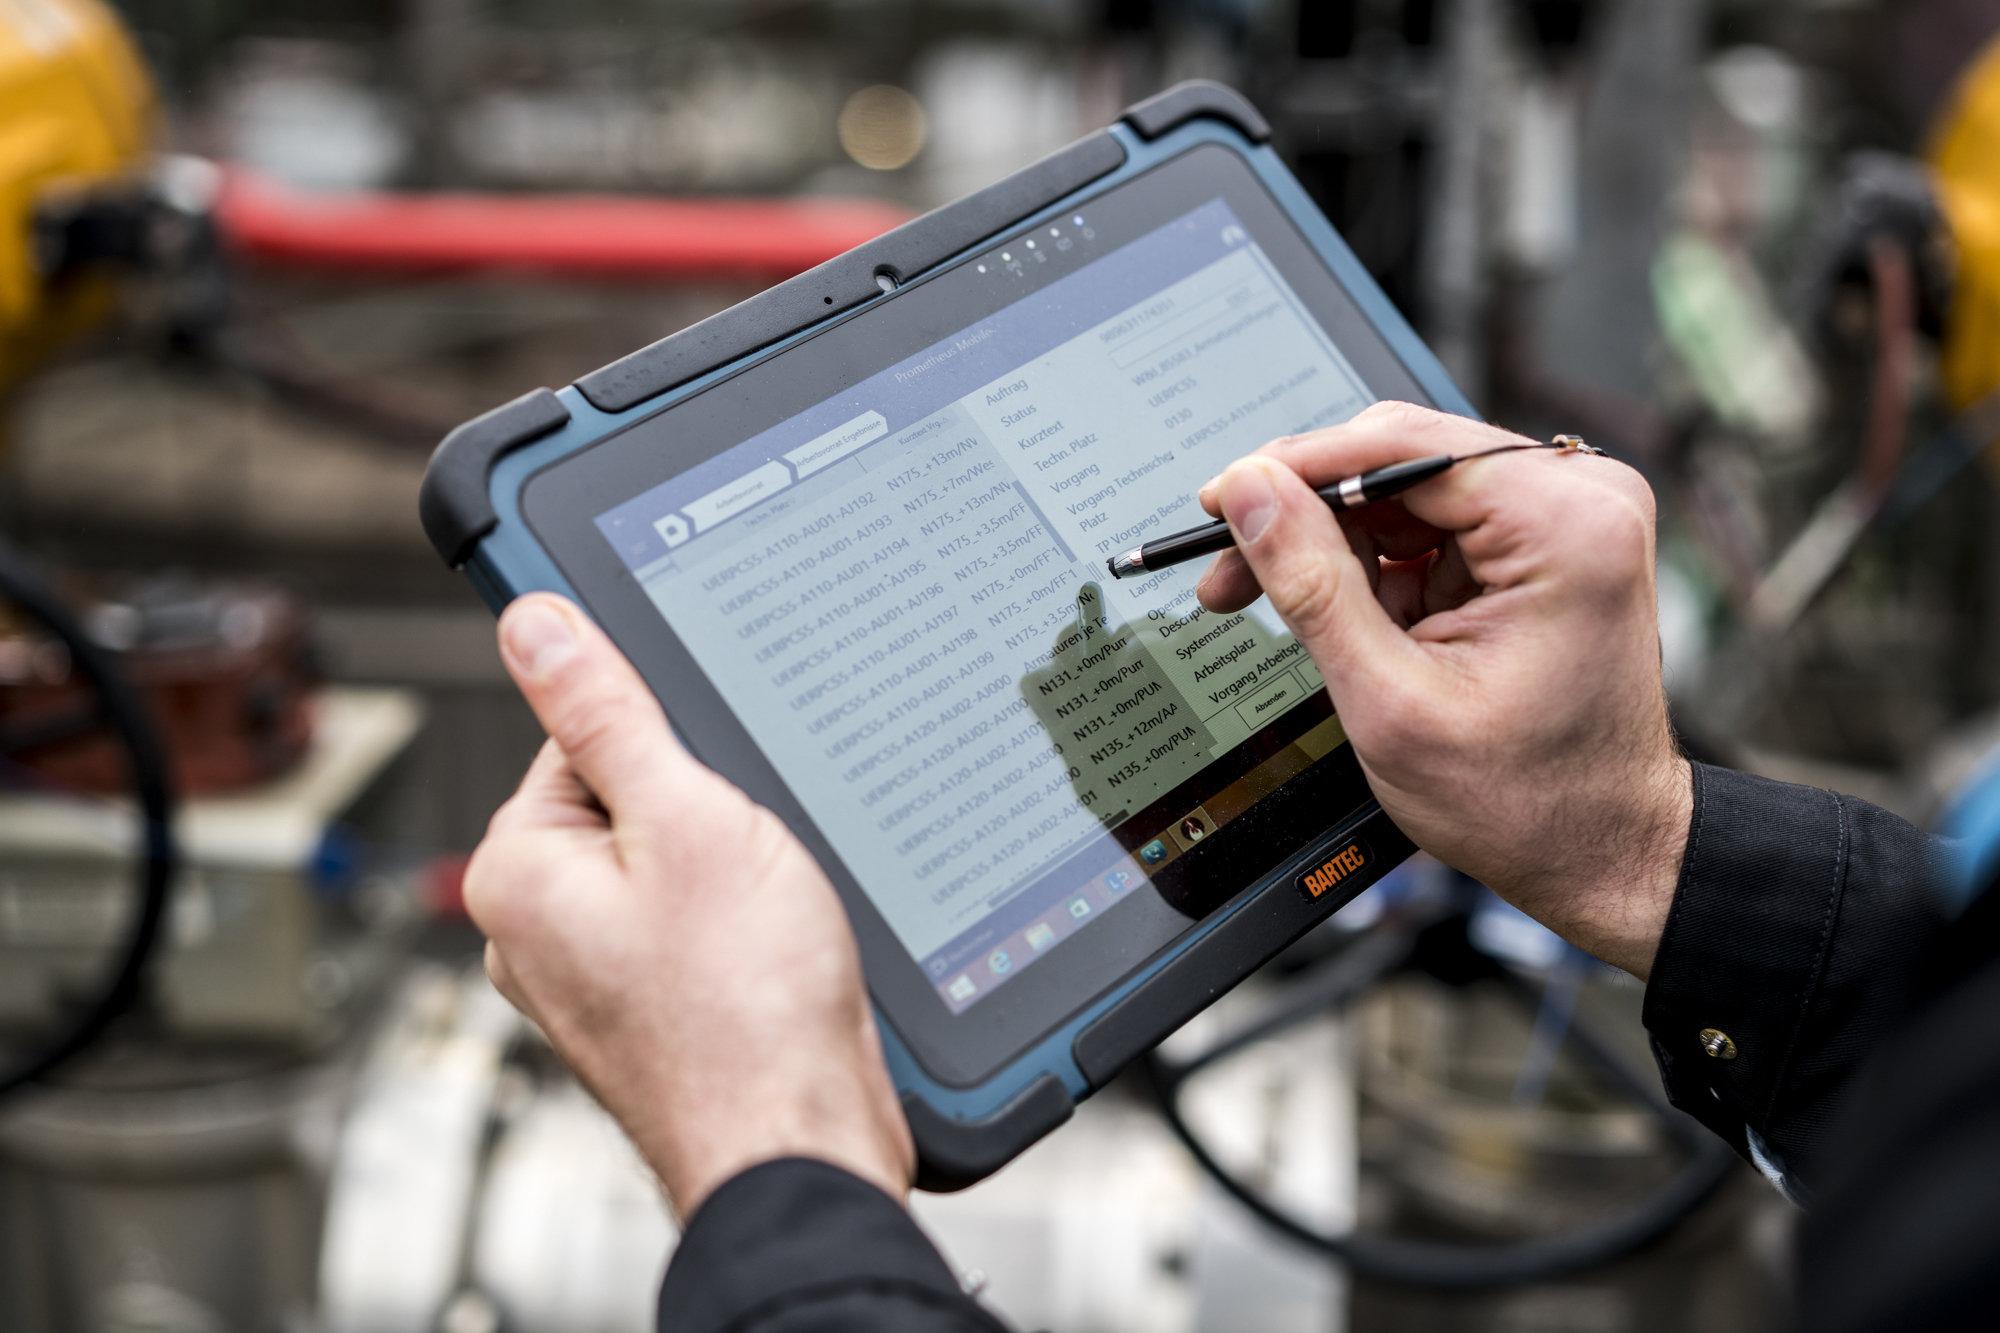 Vorausschauende Wartung von Covestro-Produktionsanlagen wird mithilfe digitaler Werkzeuge wie Tablet-Computern möglich. (Foto: Covestro)